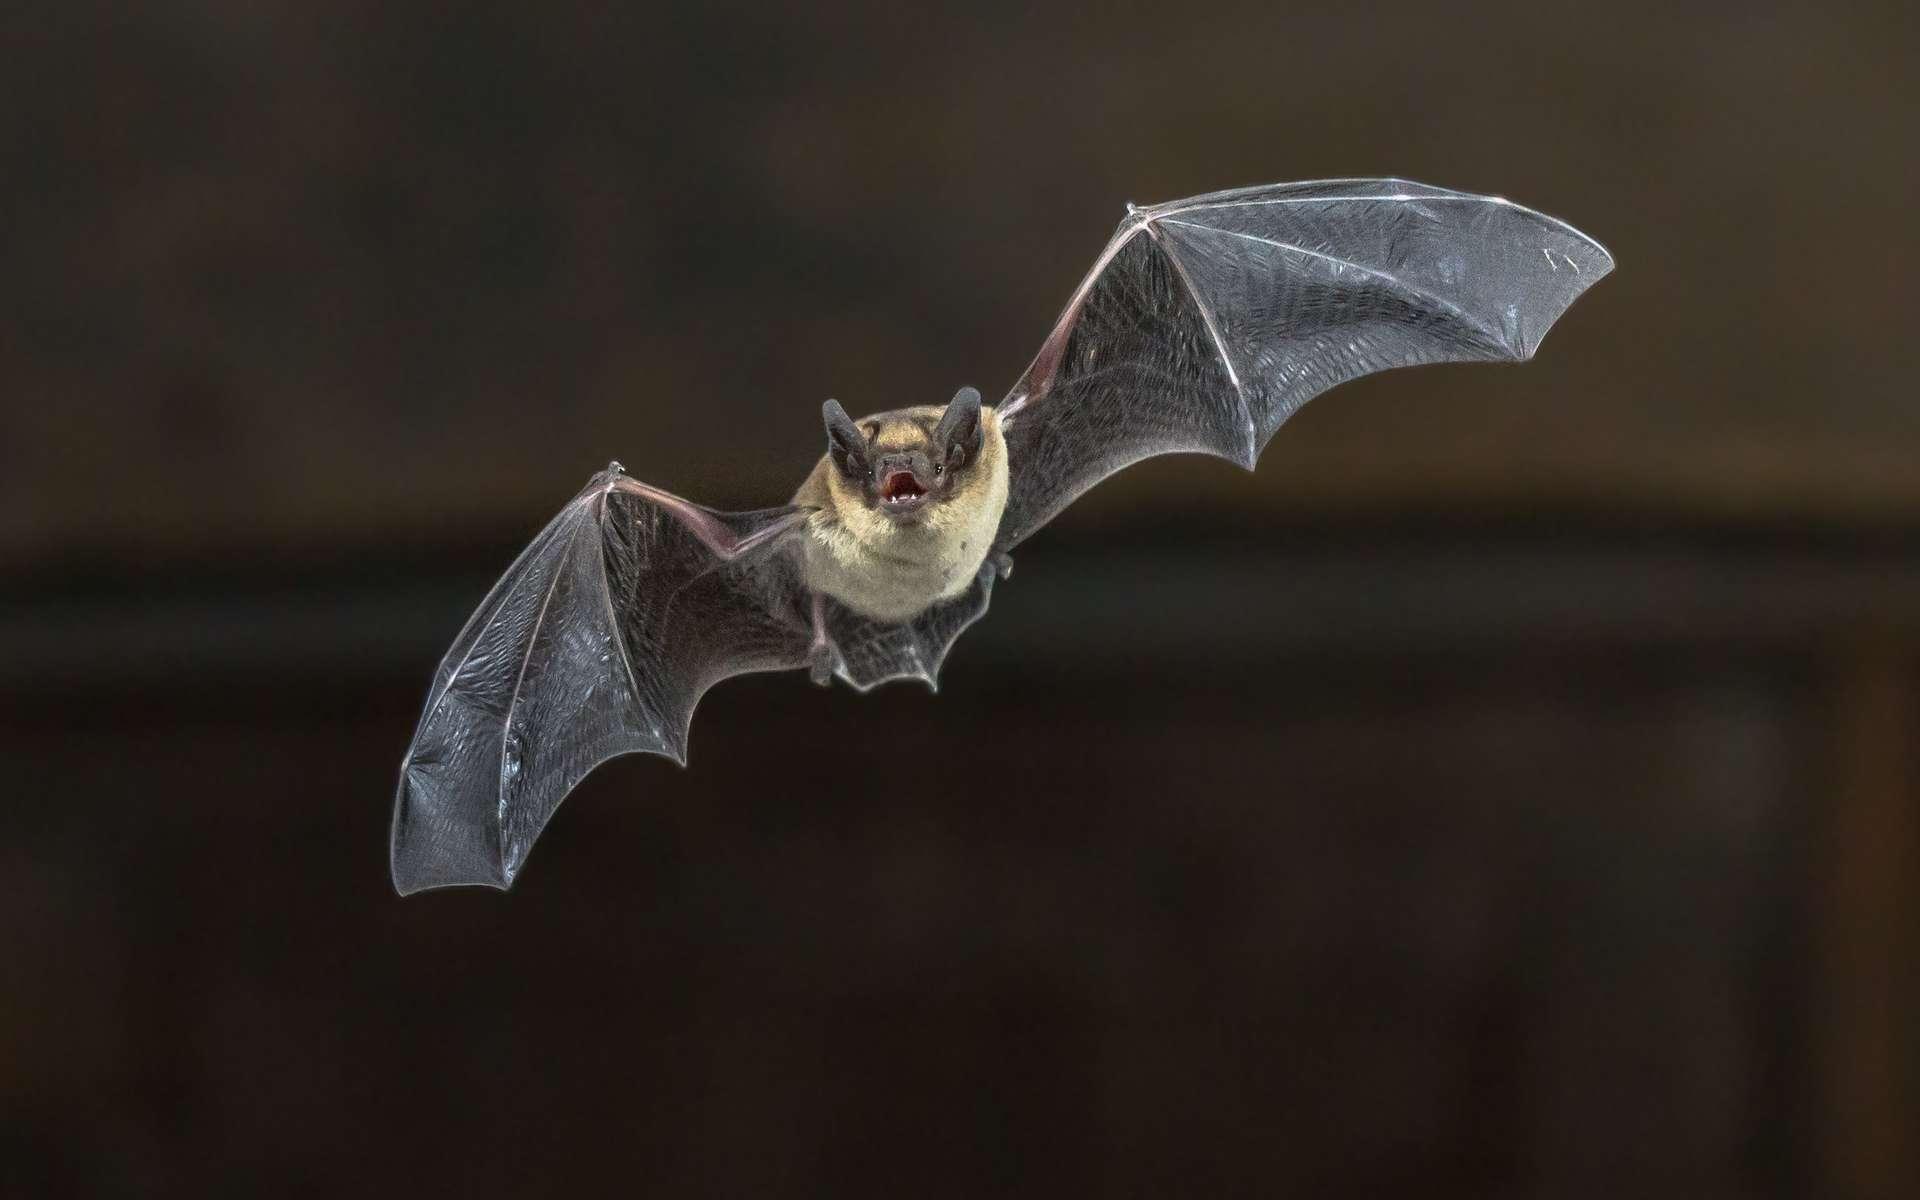 Les chauves-souris, plus que d'autres mammifères, peuvent transmettre des virus à la population humaine. © Creativenature.nl, Adobe Stock